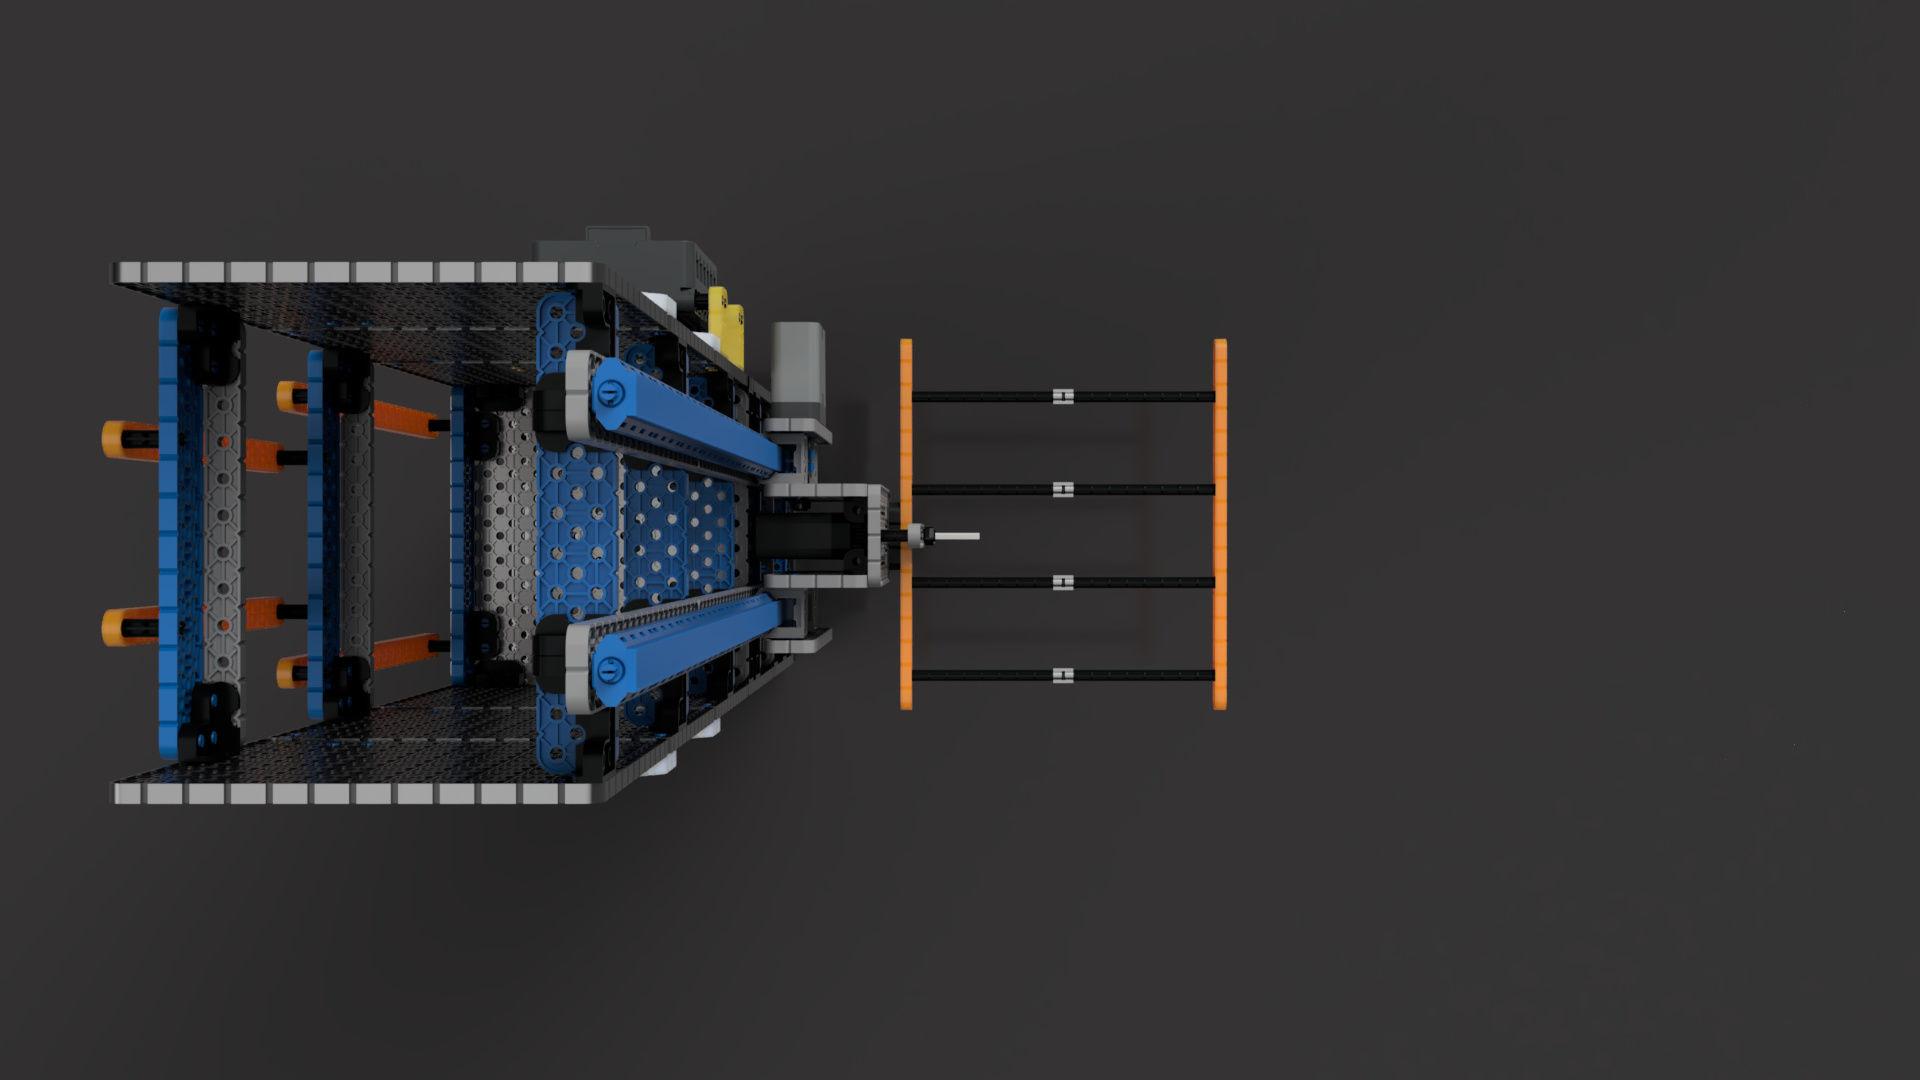 Elevador---desafio-de-robotica-2019-2019-nov-28-03-49-14pm-000-customizedview17341979435-jpg-3500-3500